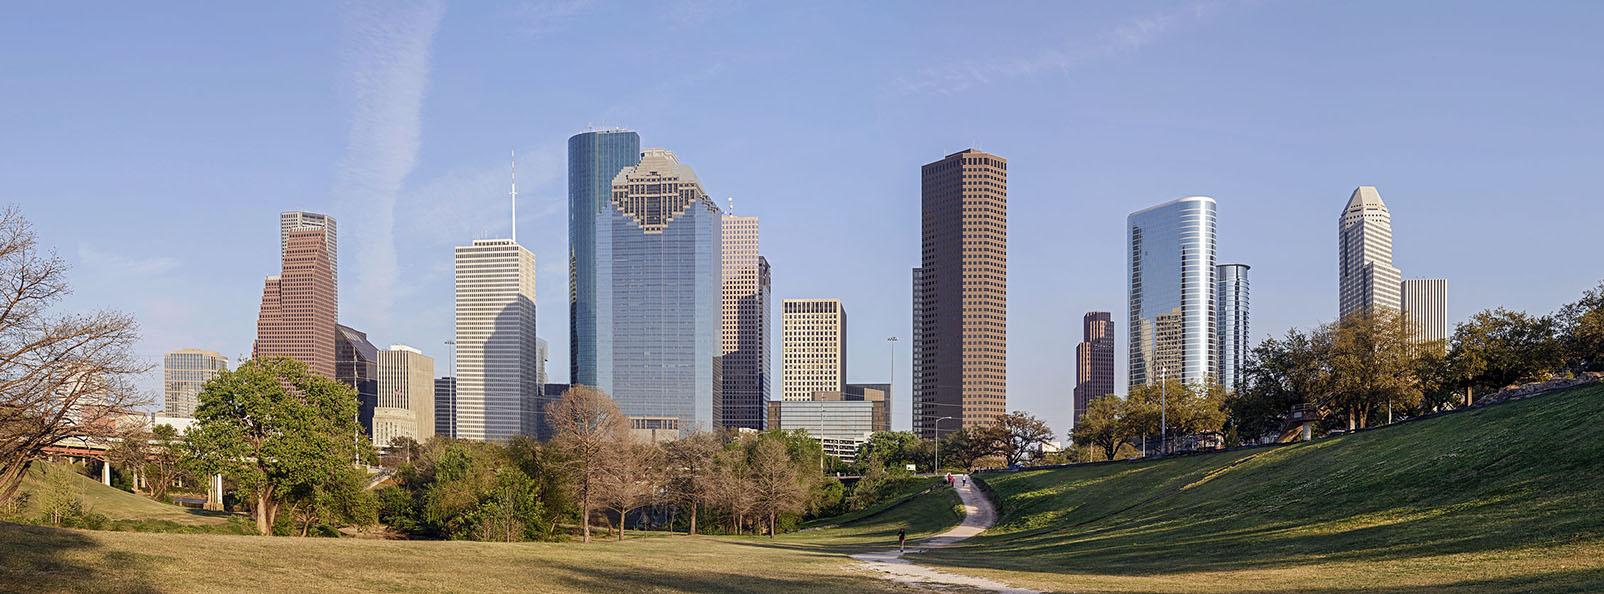 Houston Panoramic view